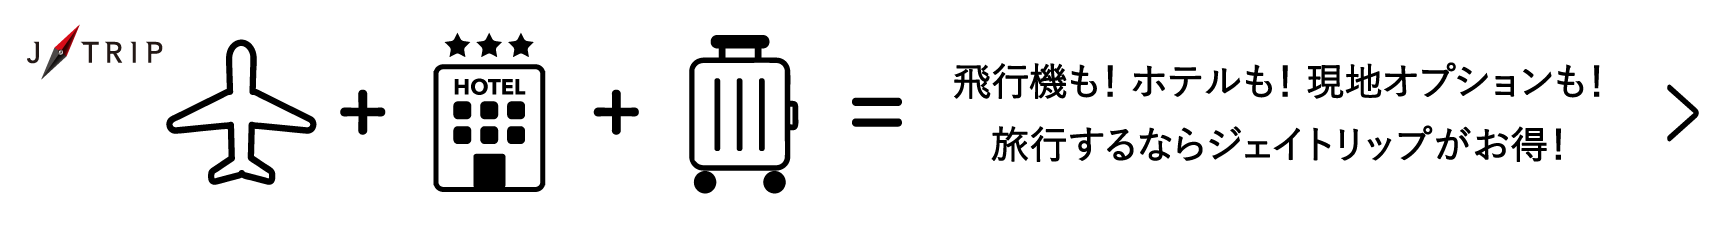 J-TRIPツアー